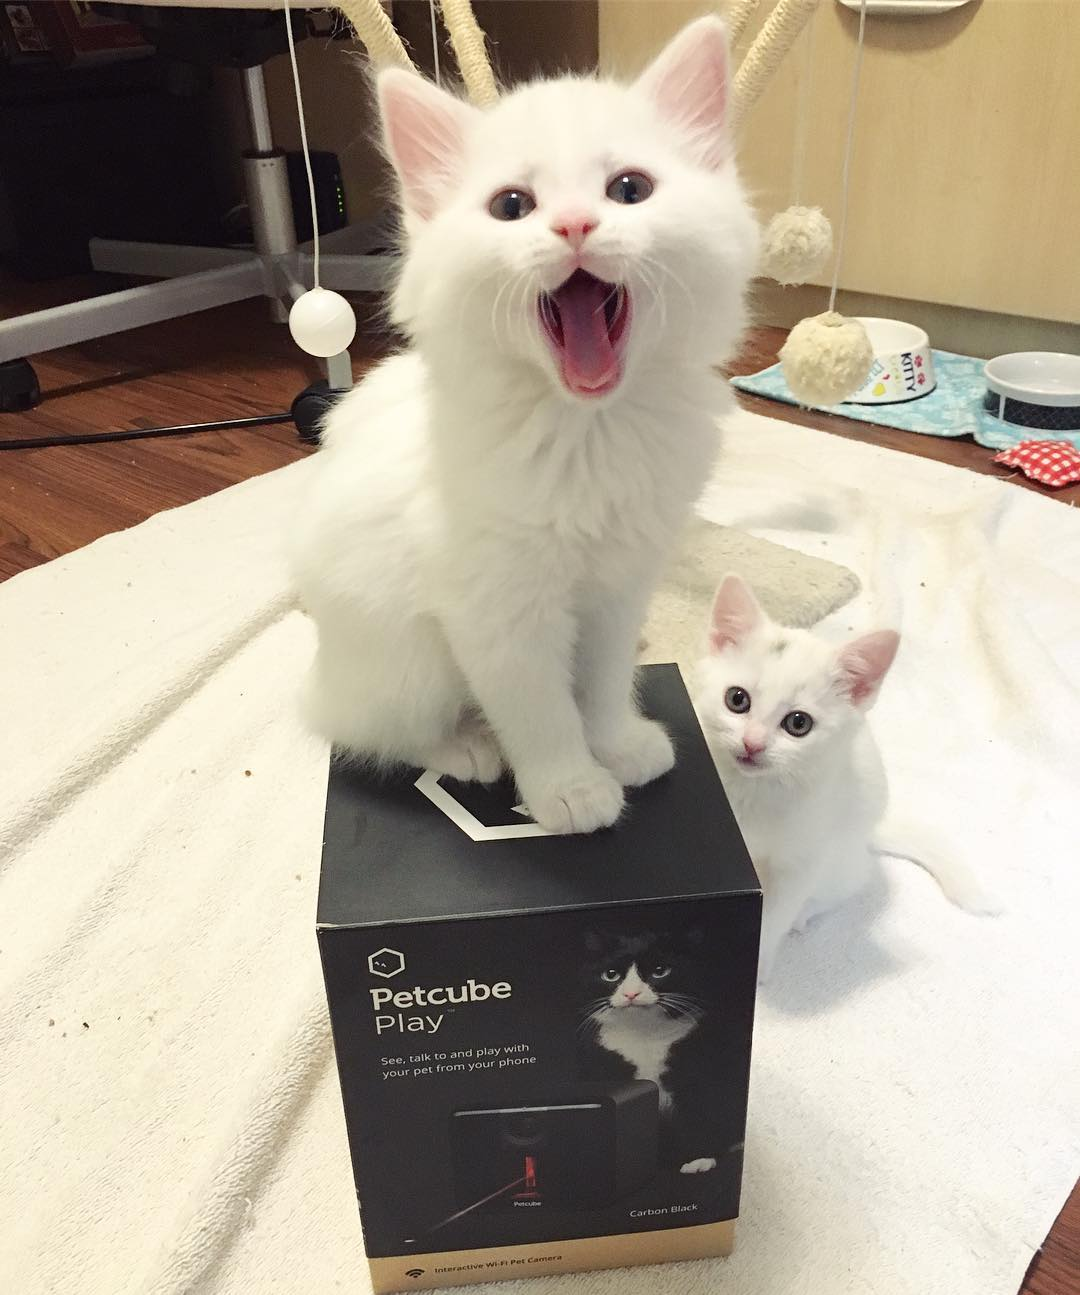 16906587 270207283408338 4034068962143633408 n - Alasan Kenapa kamu Harus Punya Kucing Lebih dari Satu